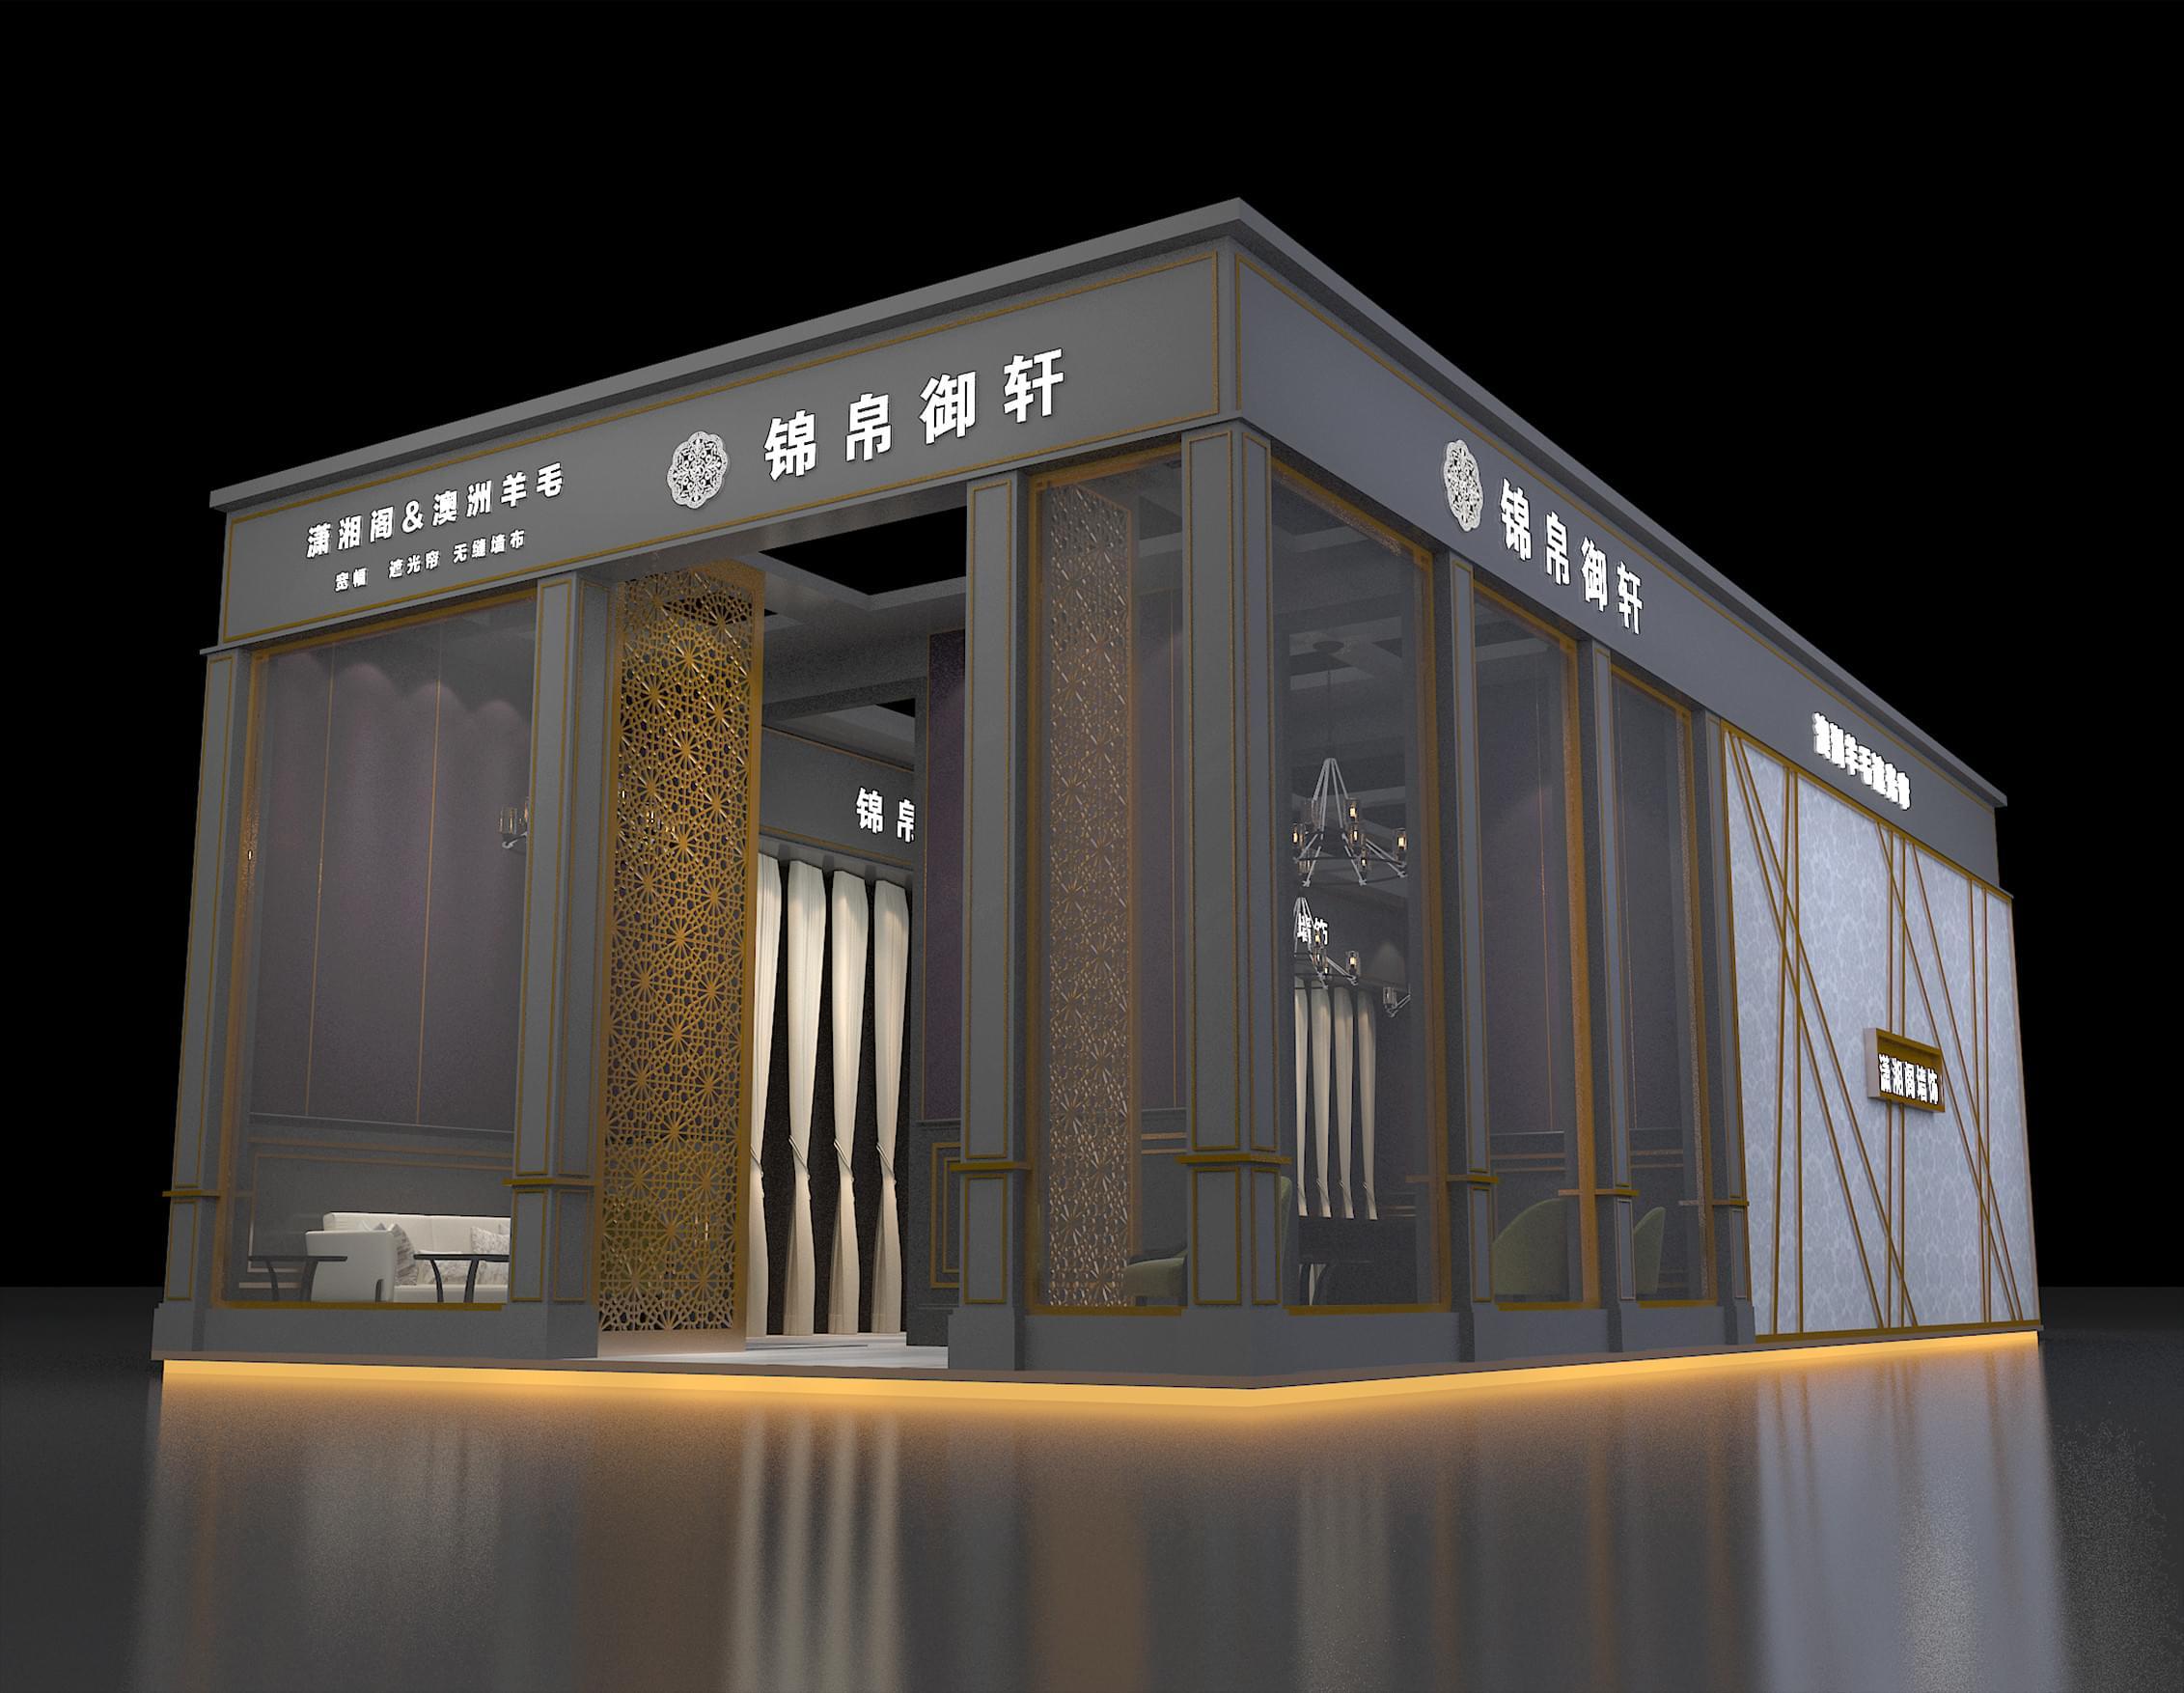 2019深圳国际家纺布艺博览会-锦帛御轩纺织